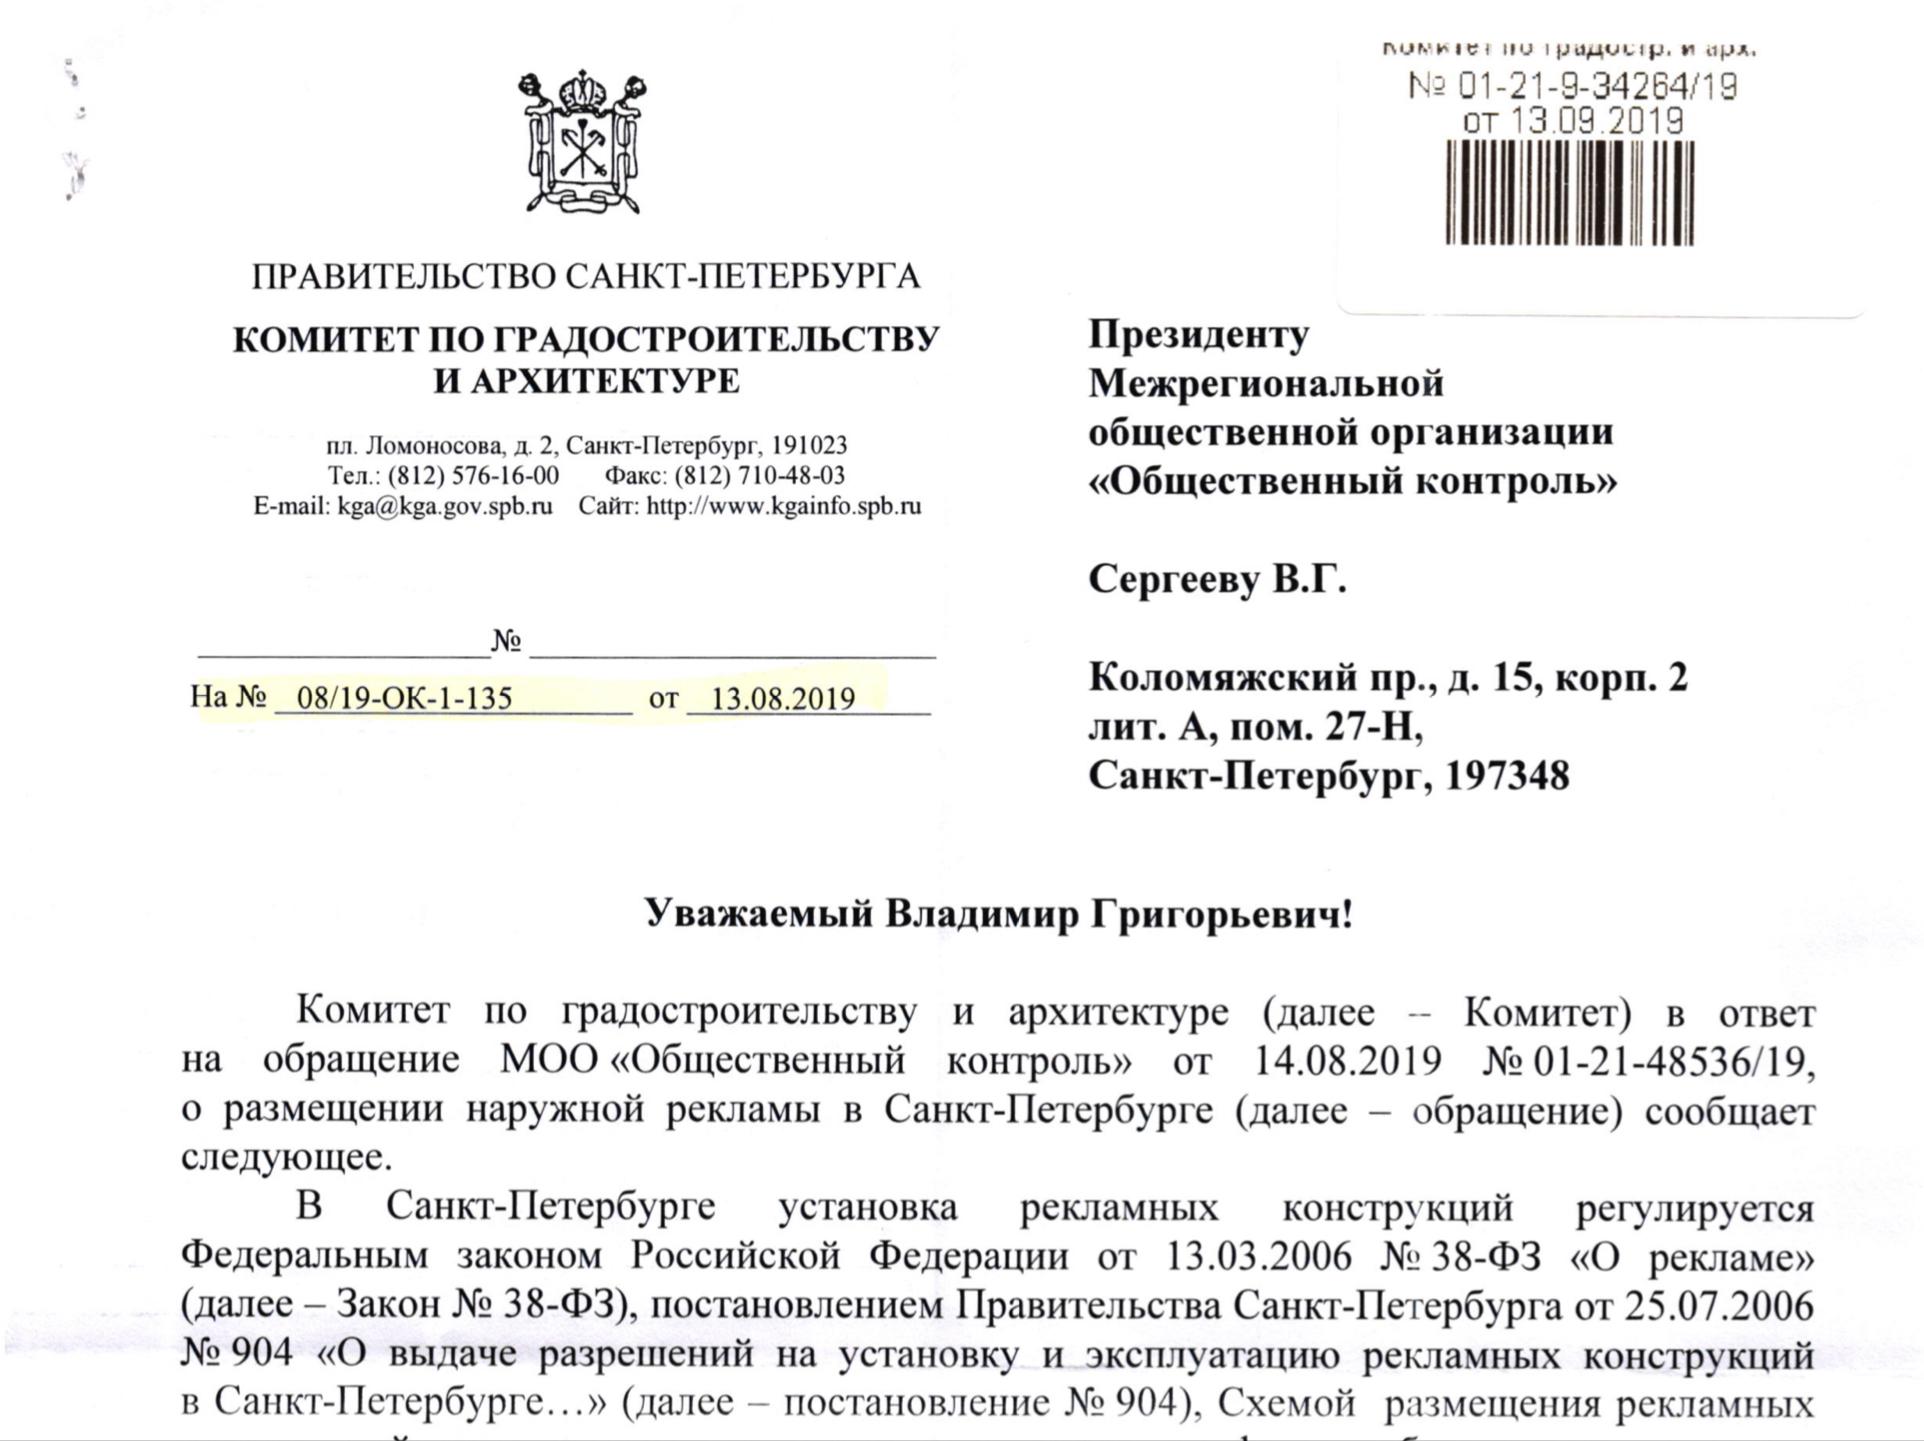 Ответ главного художника Санкт-Петербурга Моора А.И. По вопросу размещения рекламных конструкций в Санкт-Петербурге.